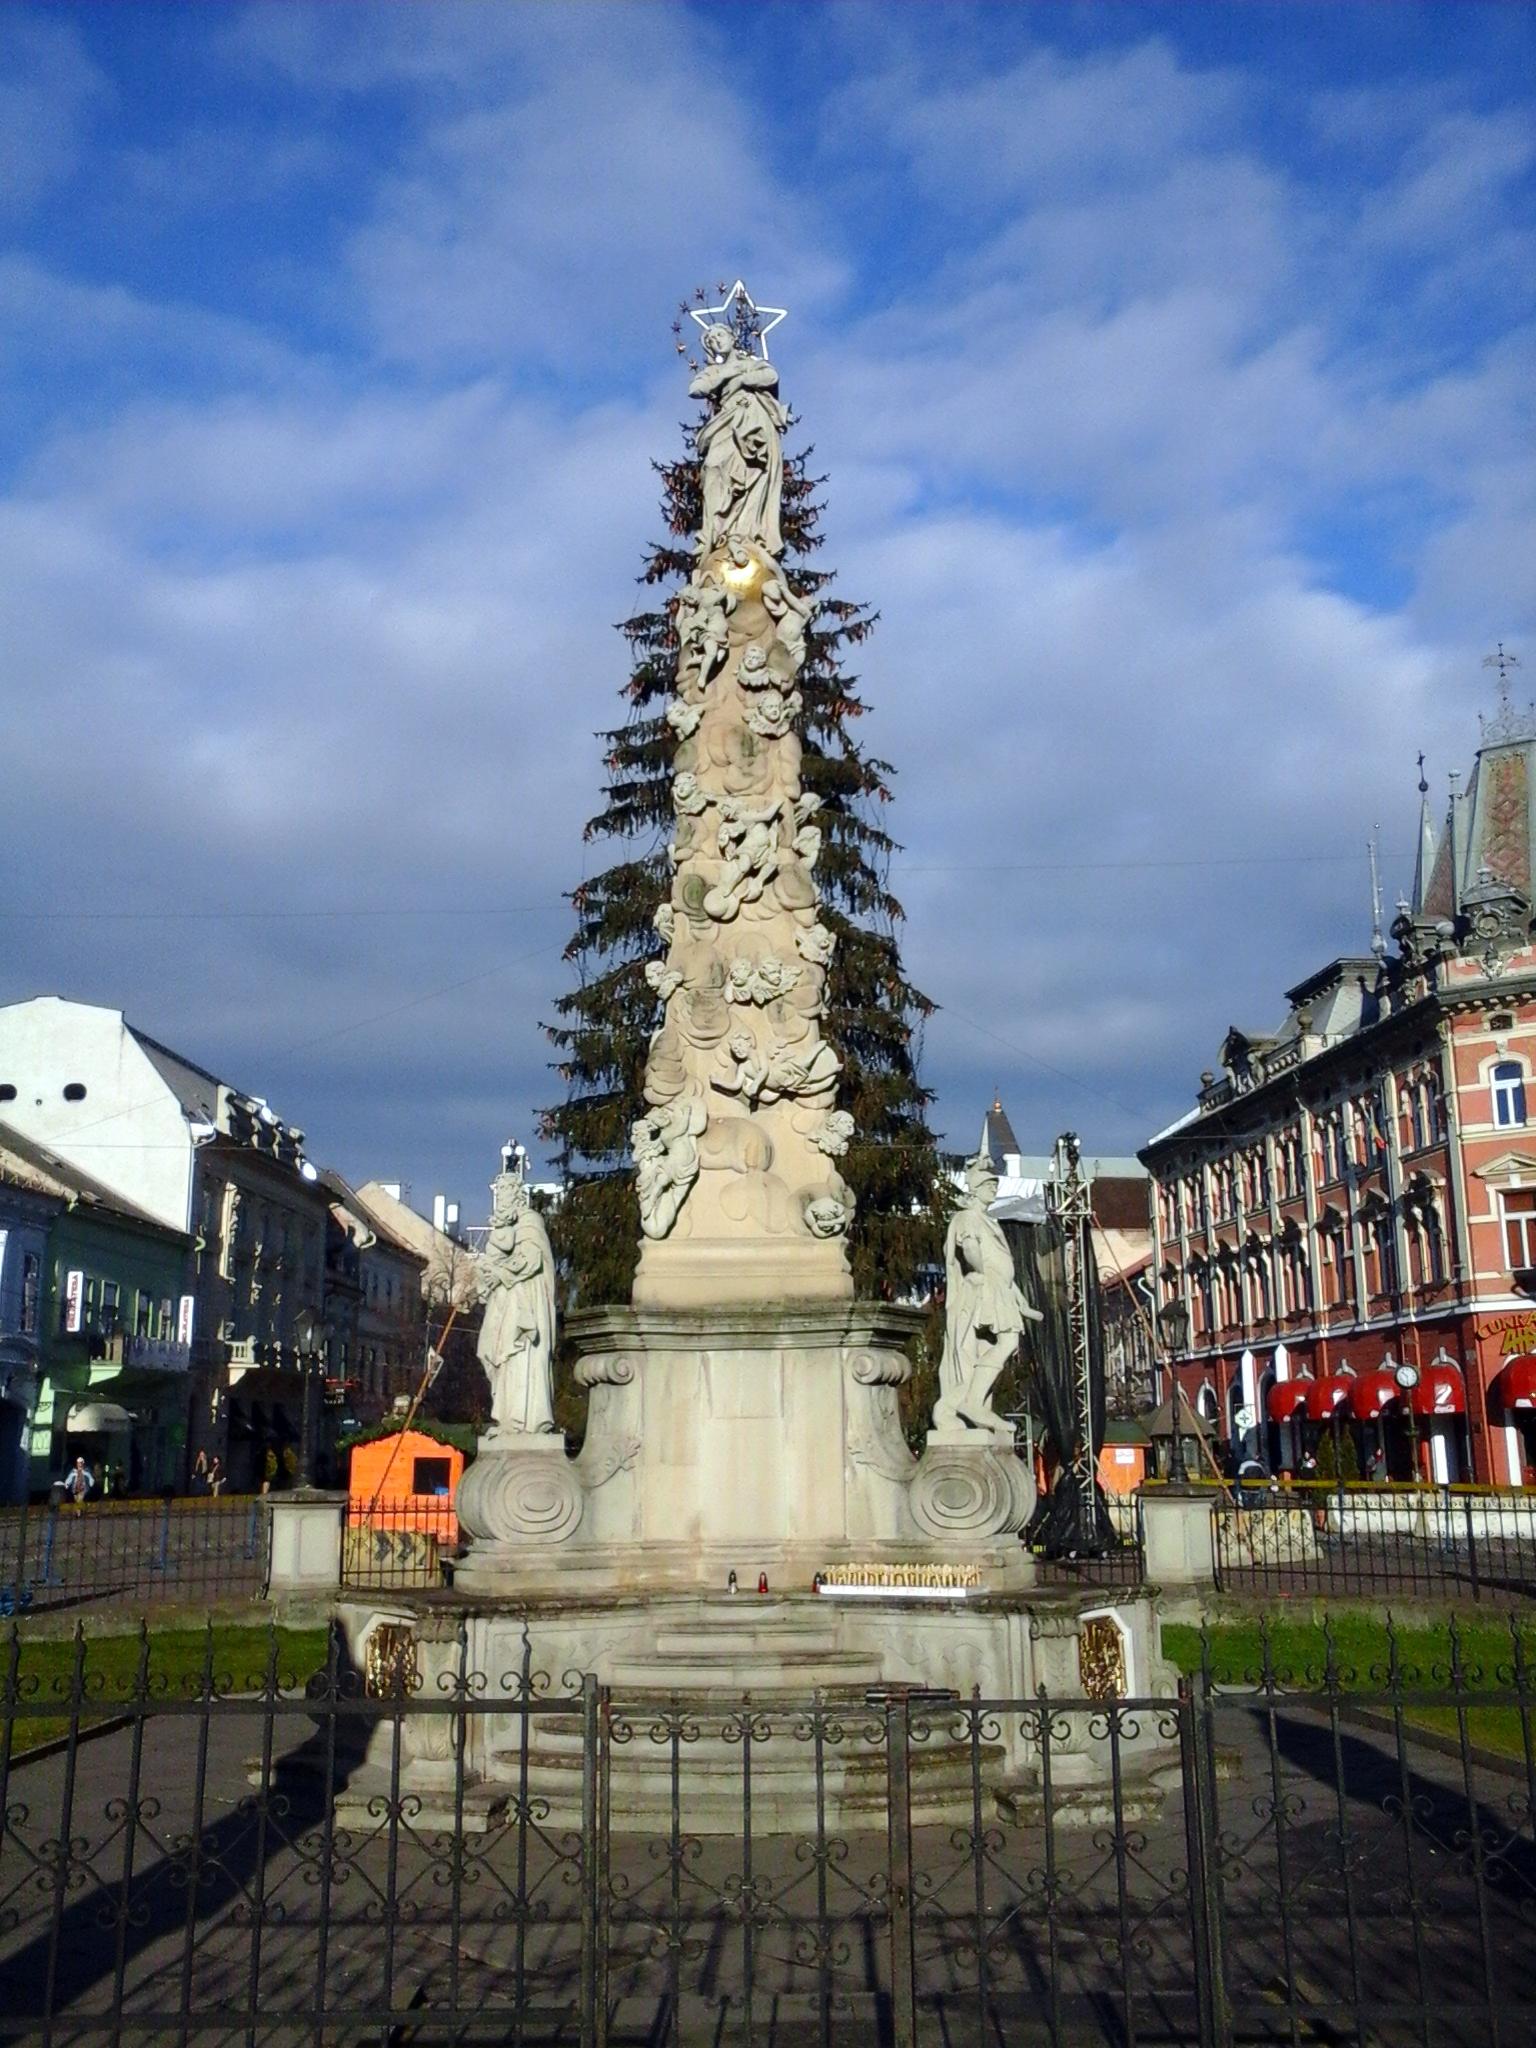 Immaculata-szobor, háttérben a város karácsonyfájával